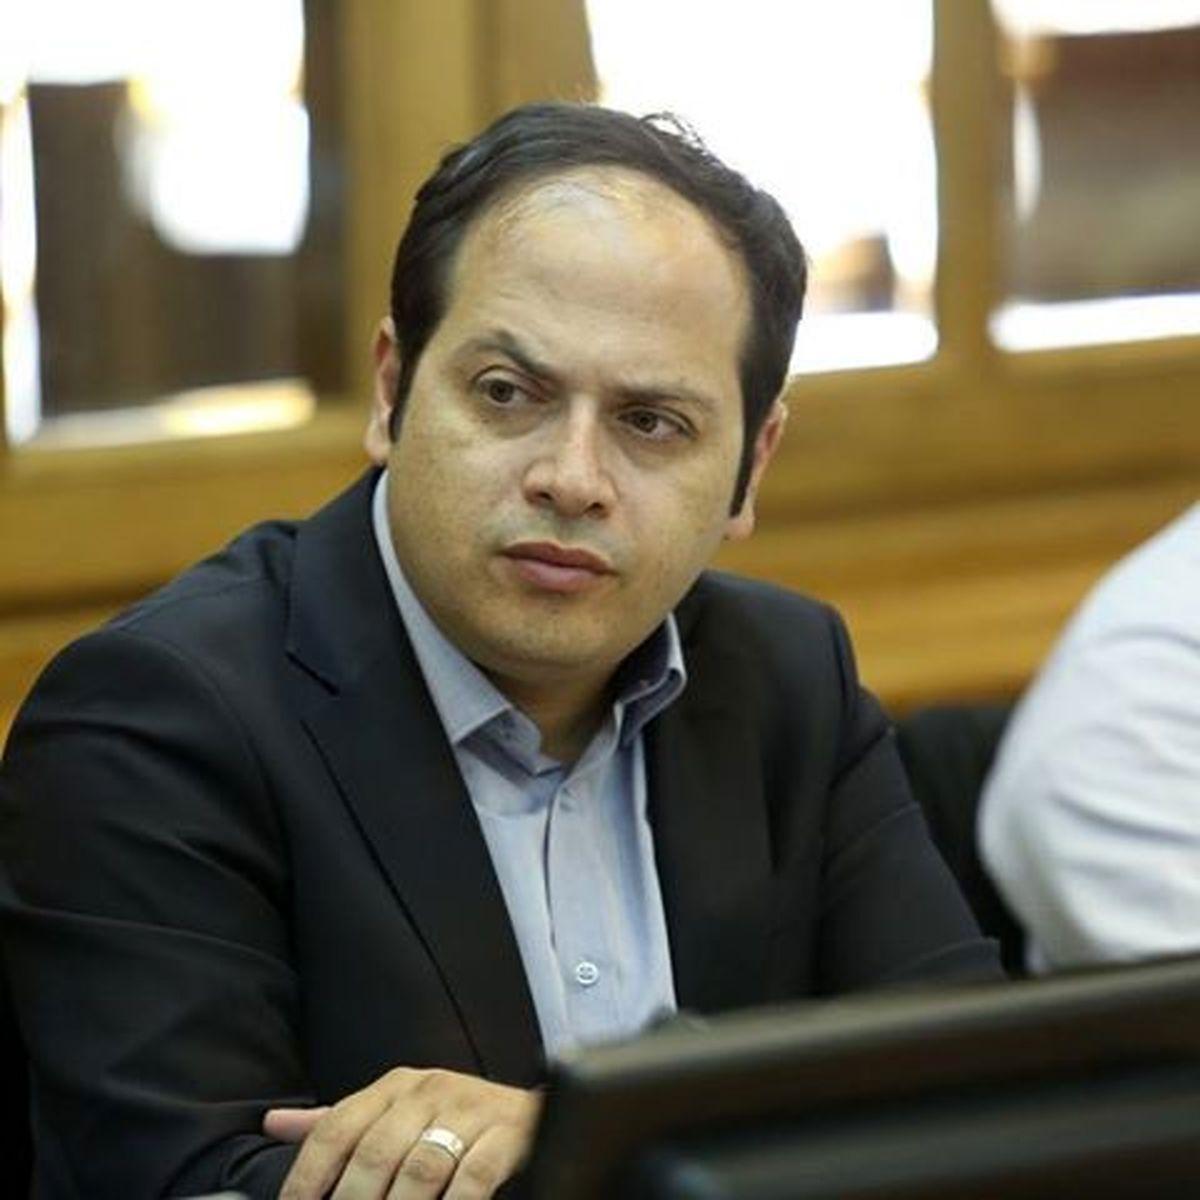 واکنش عضو شورای شهر به آب مفت در تهران؛ باید گران شود